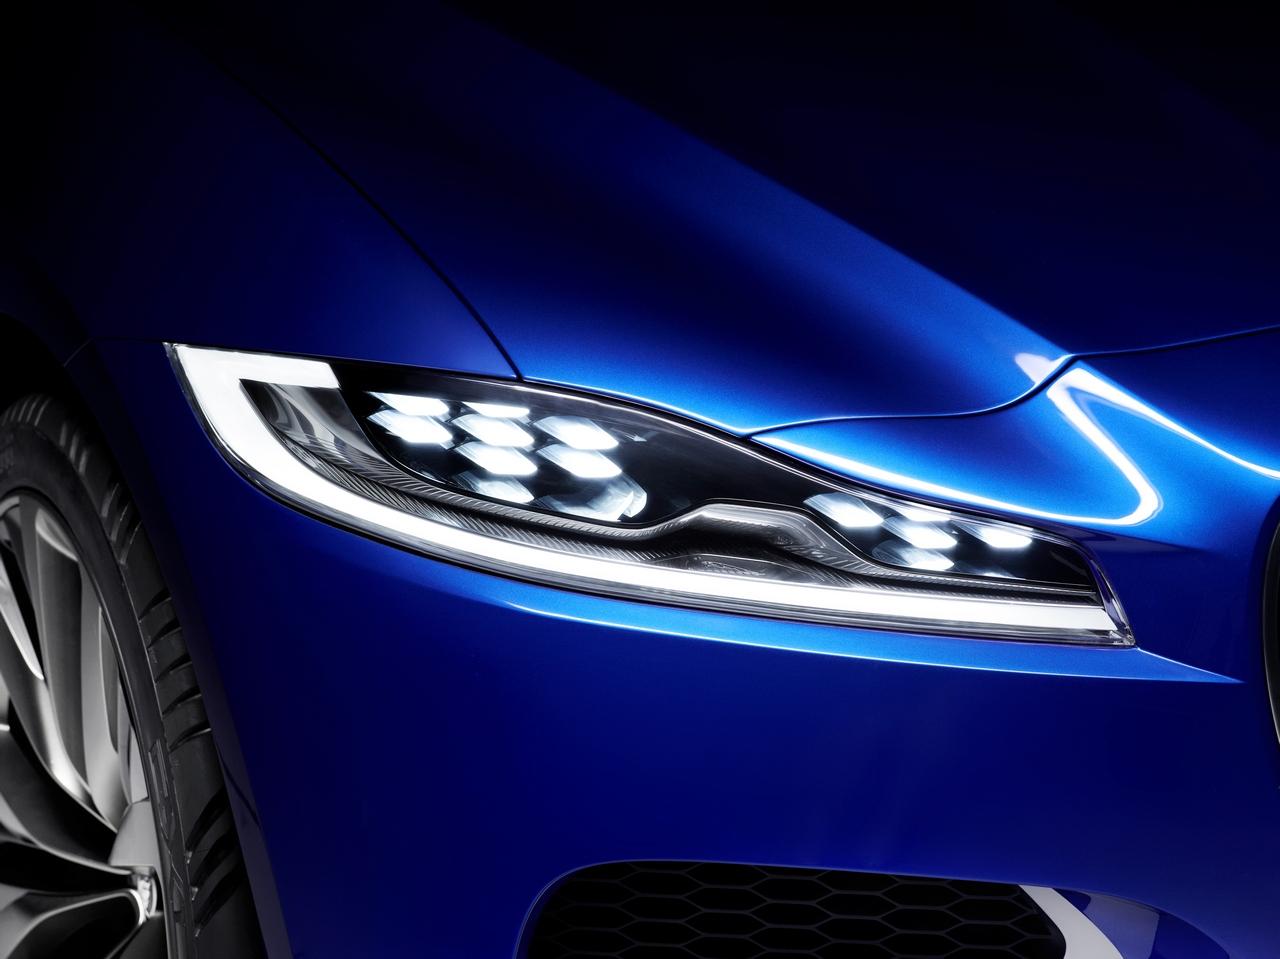 jaguar-c-x17-sports-crossover-concept_280-100